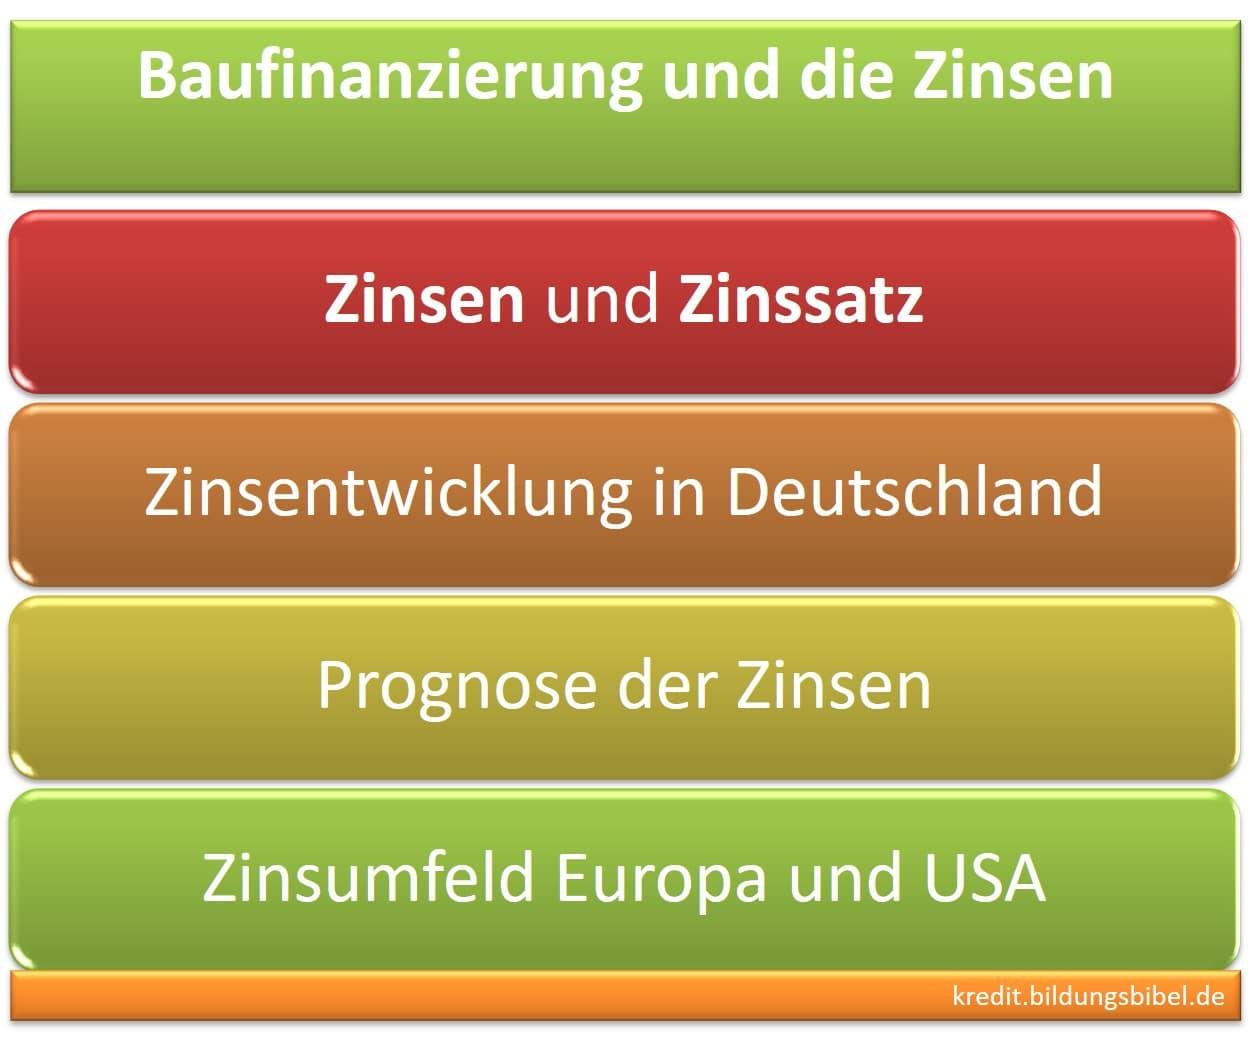 Baufinanzierung und Zinsen sowie zum Zinssatz der Entwicklung in Deutschland bzw. der zukünftigen Prognosen im Zinsumfeld Europa und USA.